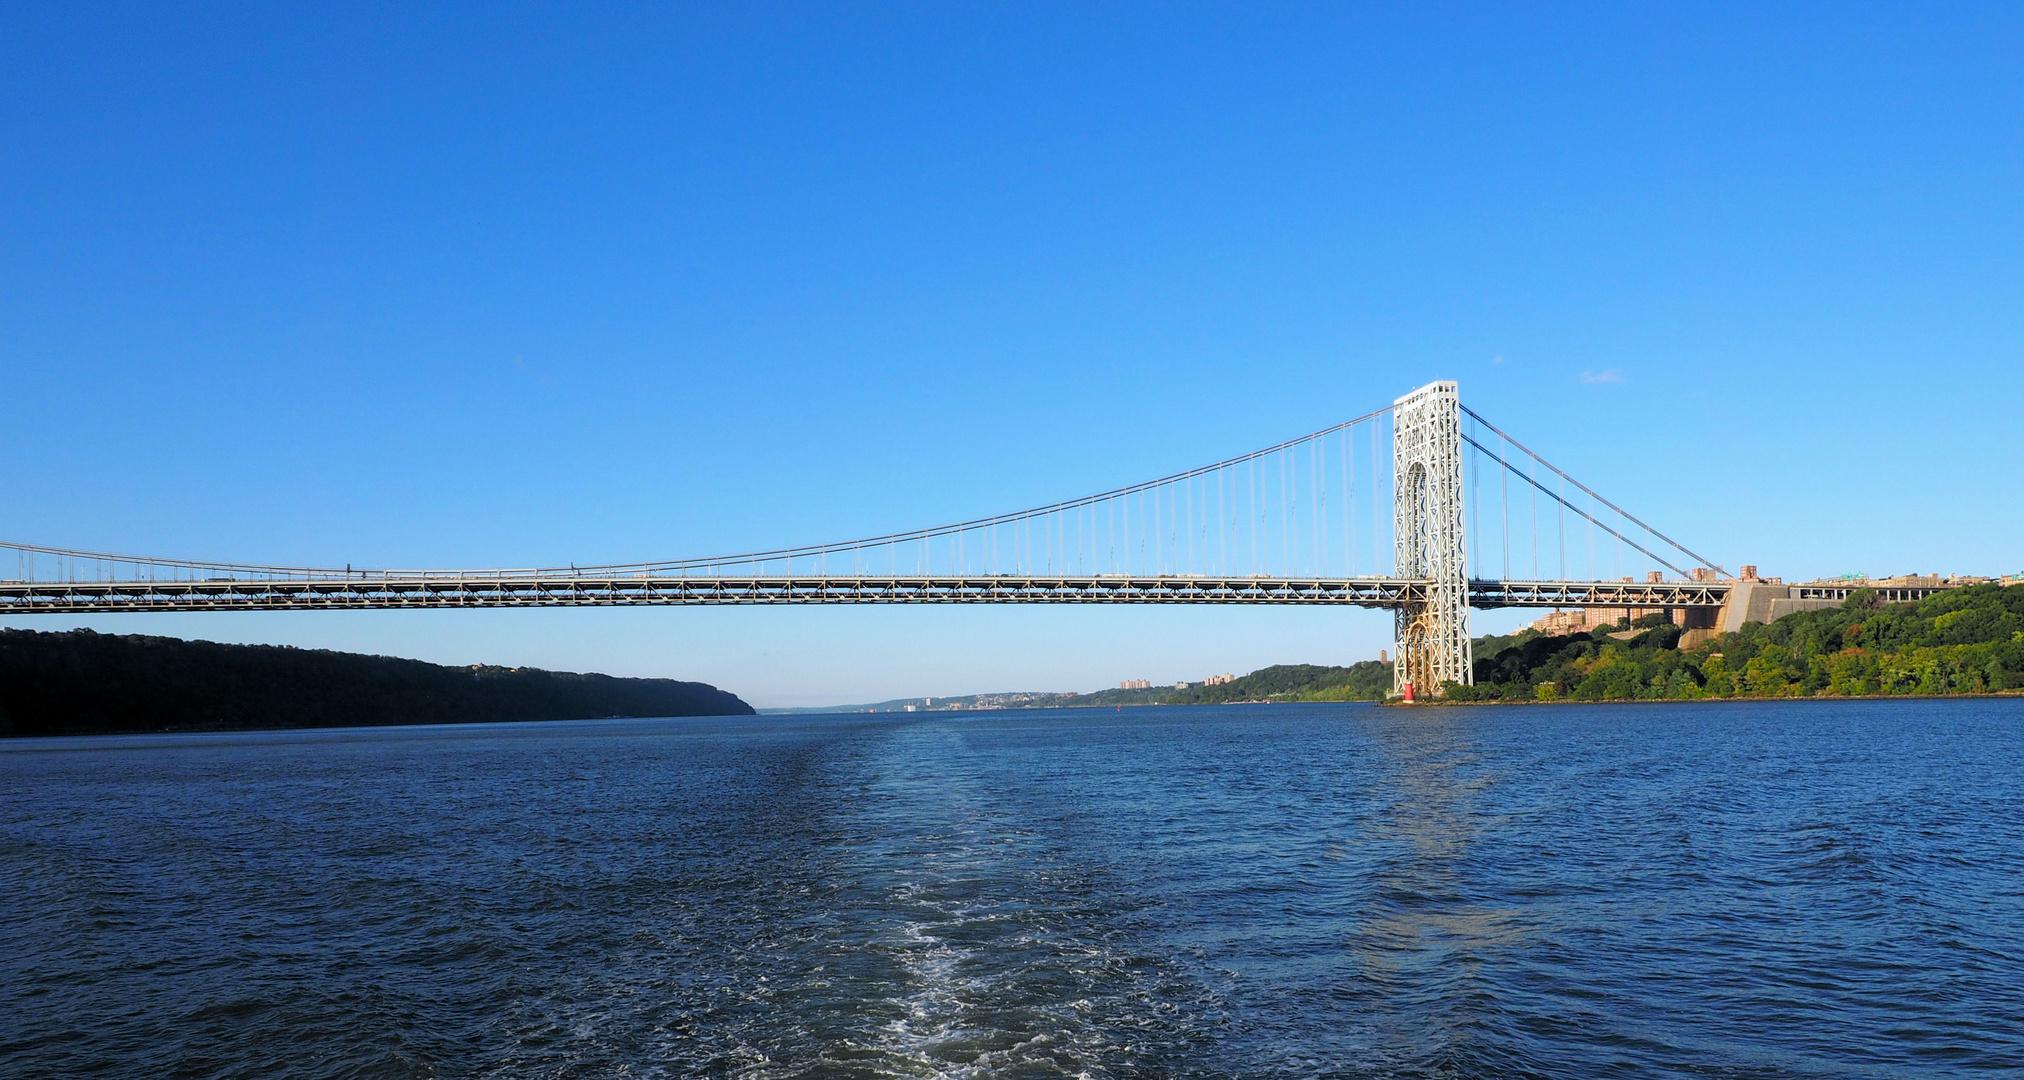 Eine der vielen Brücken in New York